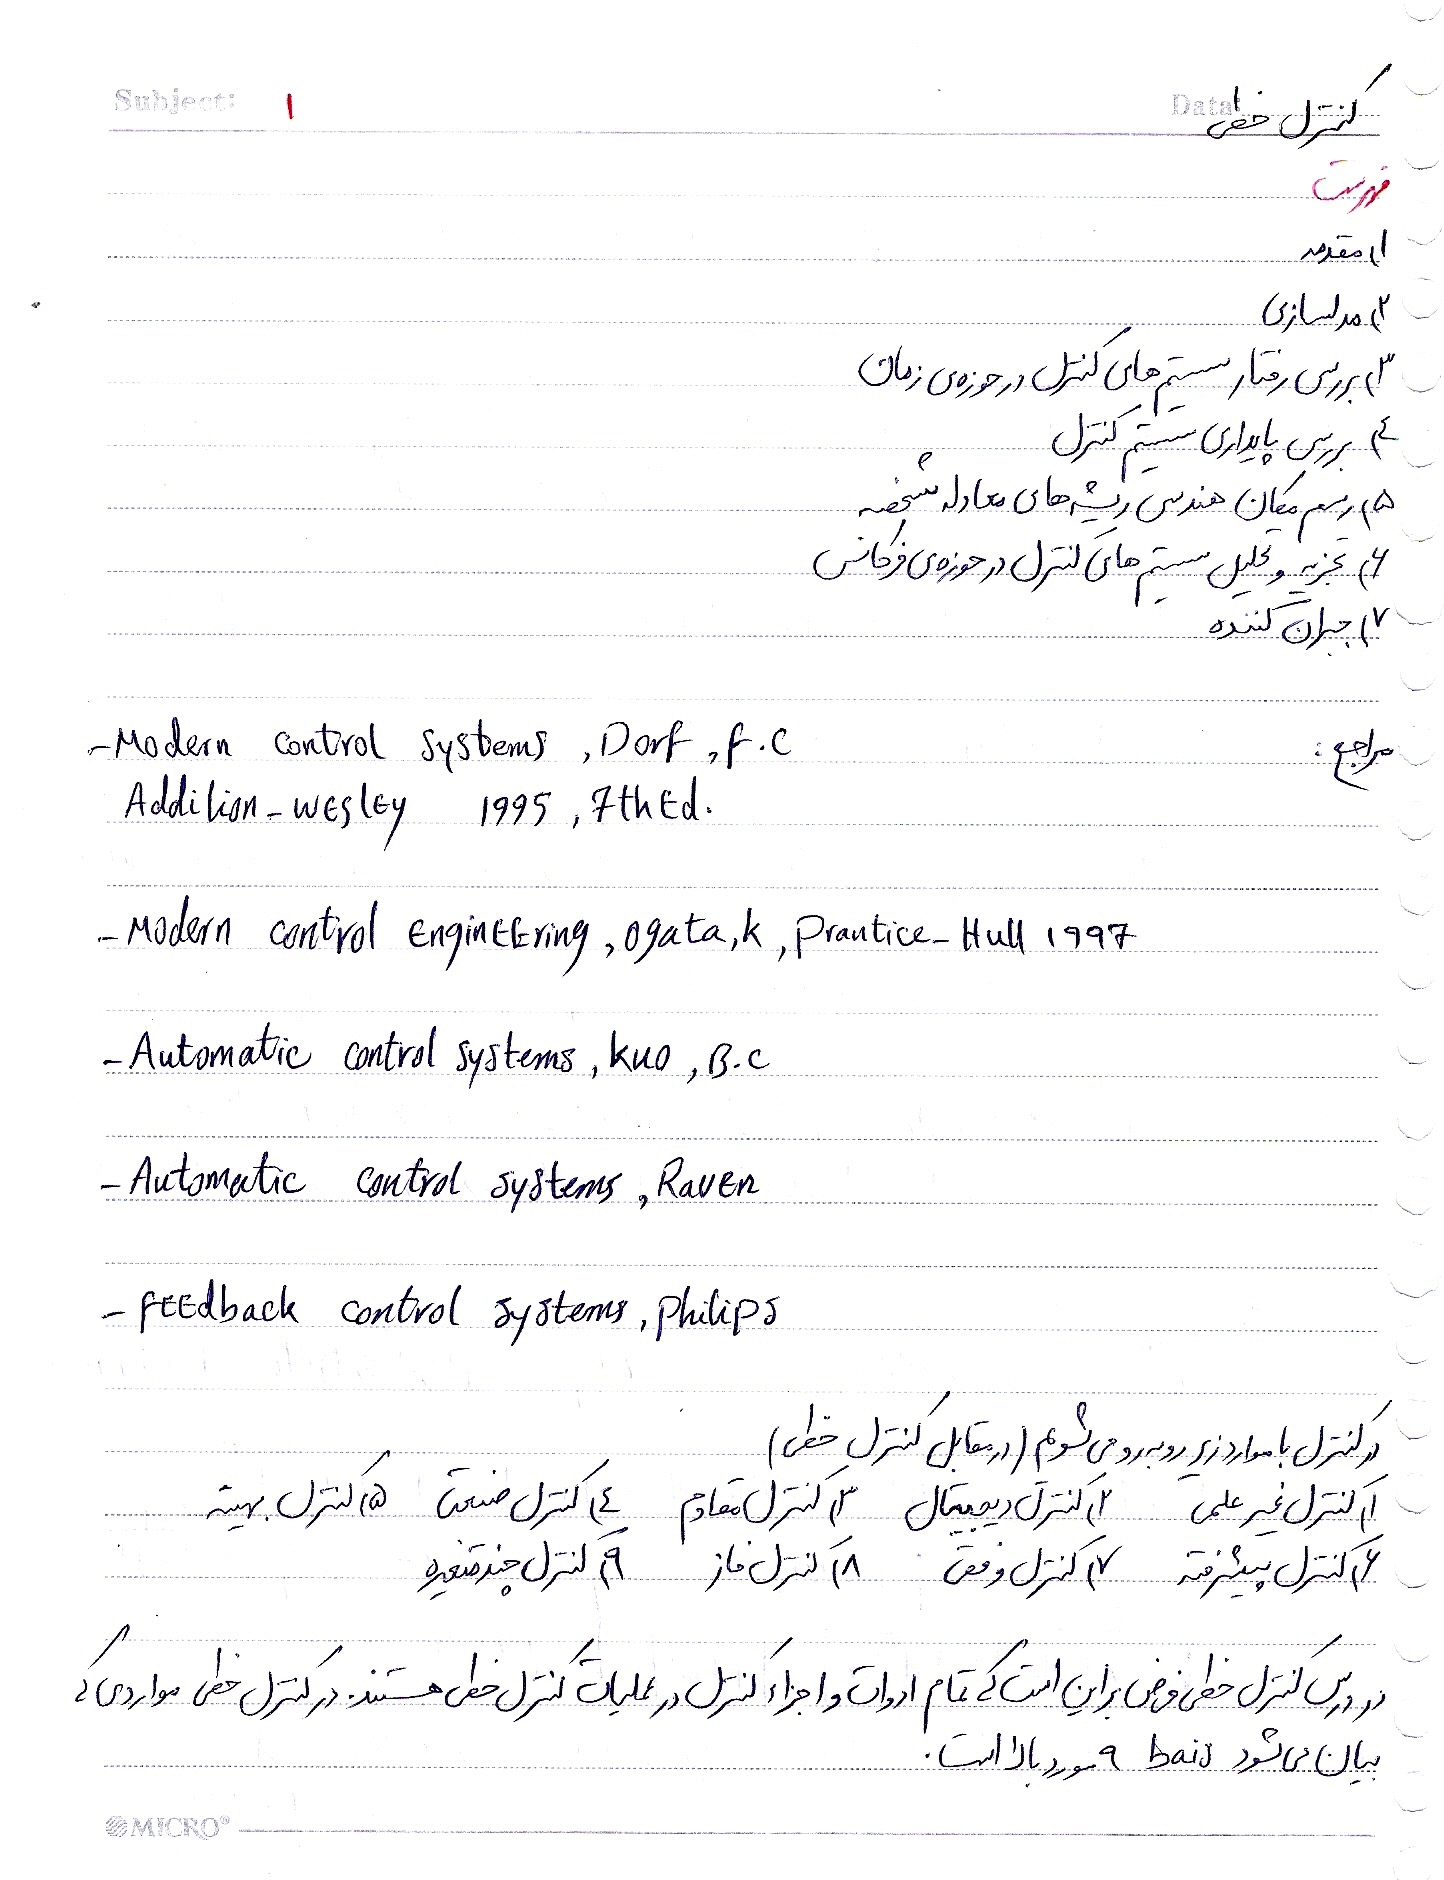 جزوه کنترل خطی علامه مجلسی اصفهان